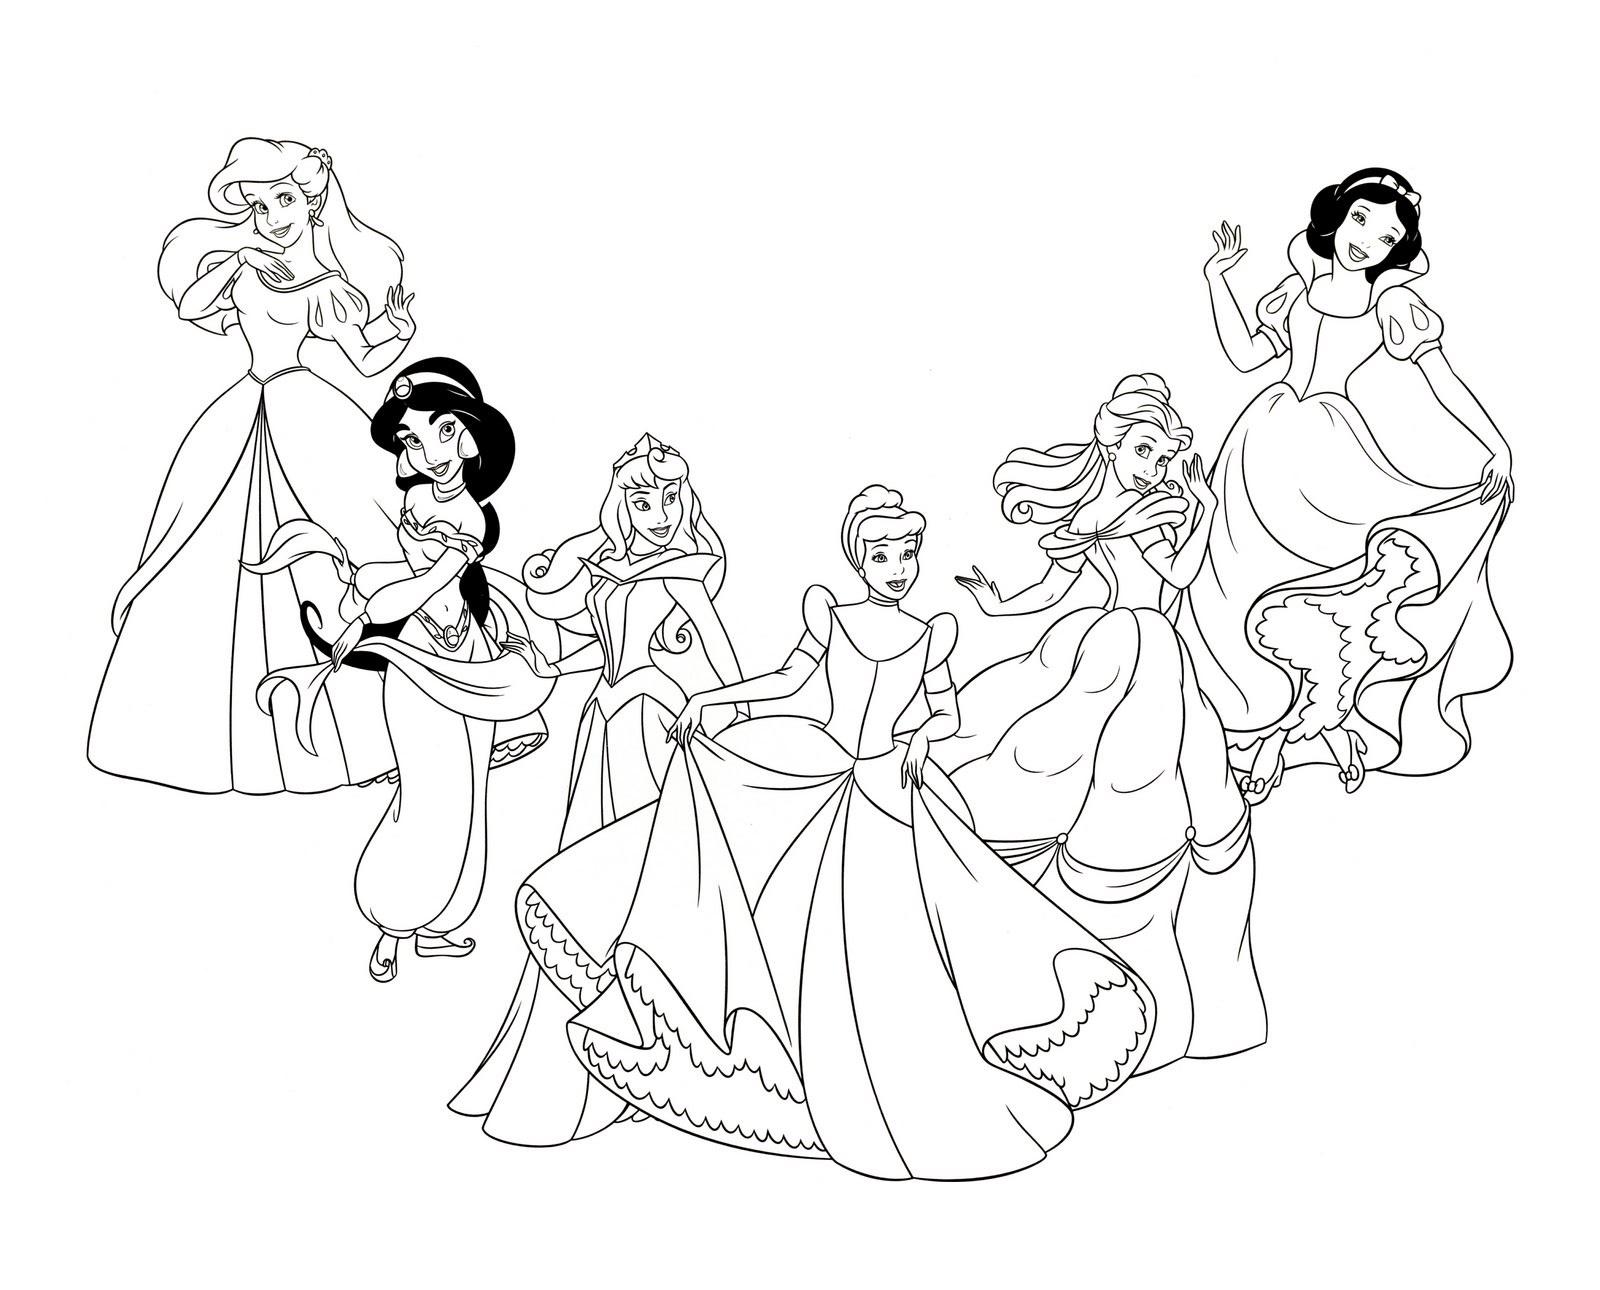 10 Dibujos Para Colorear De Disney Princesas Bebes: Dibujo Disney. Fabulous Dibujos Para Colorear Disney